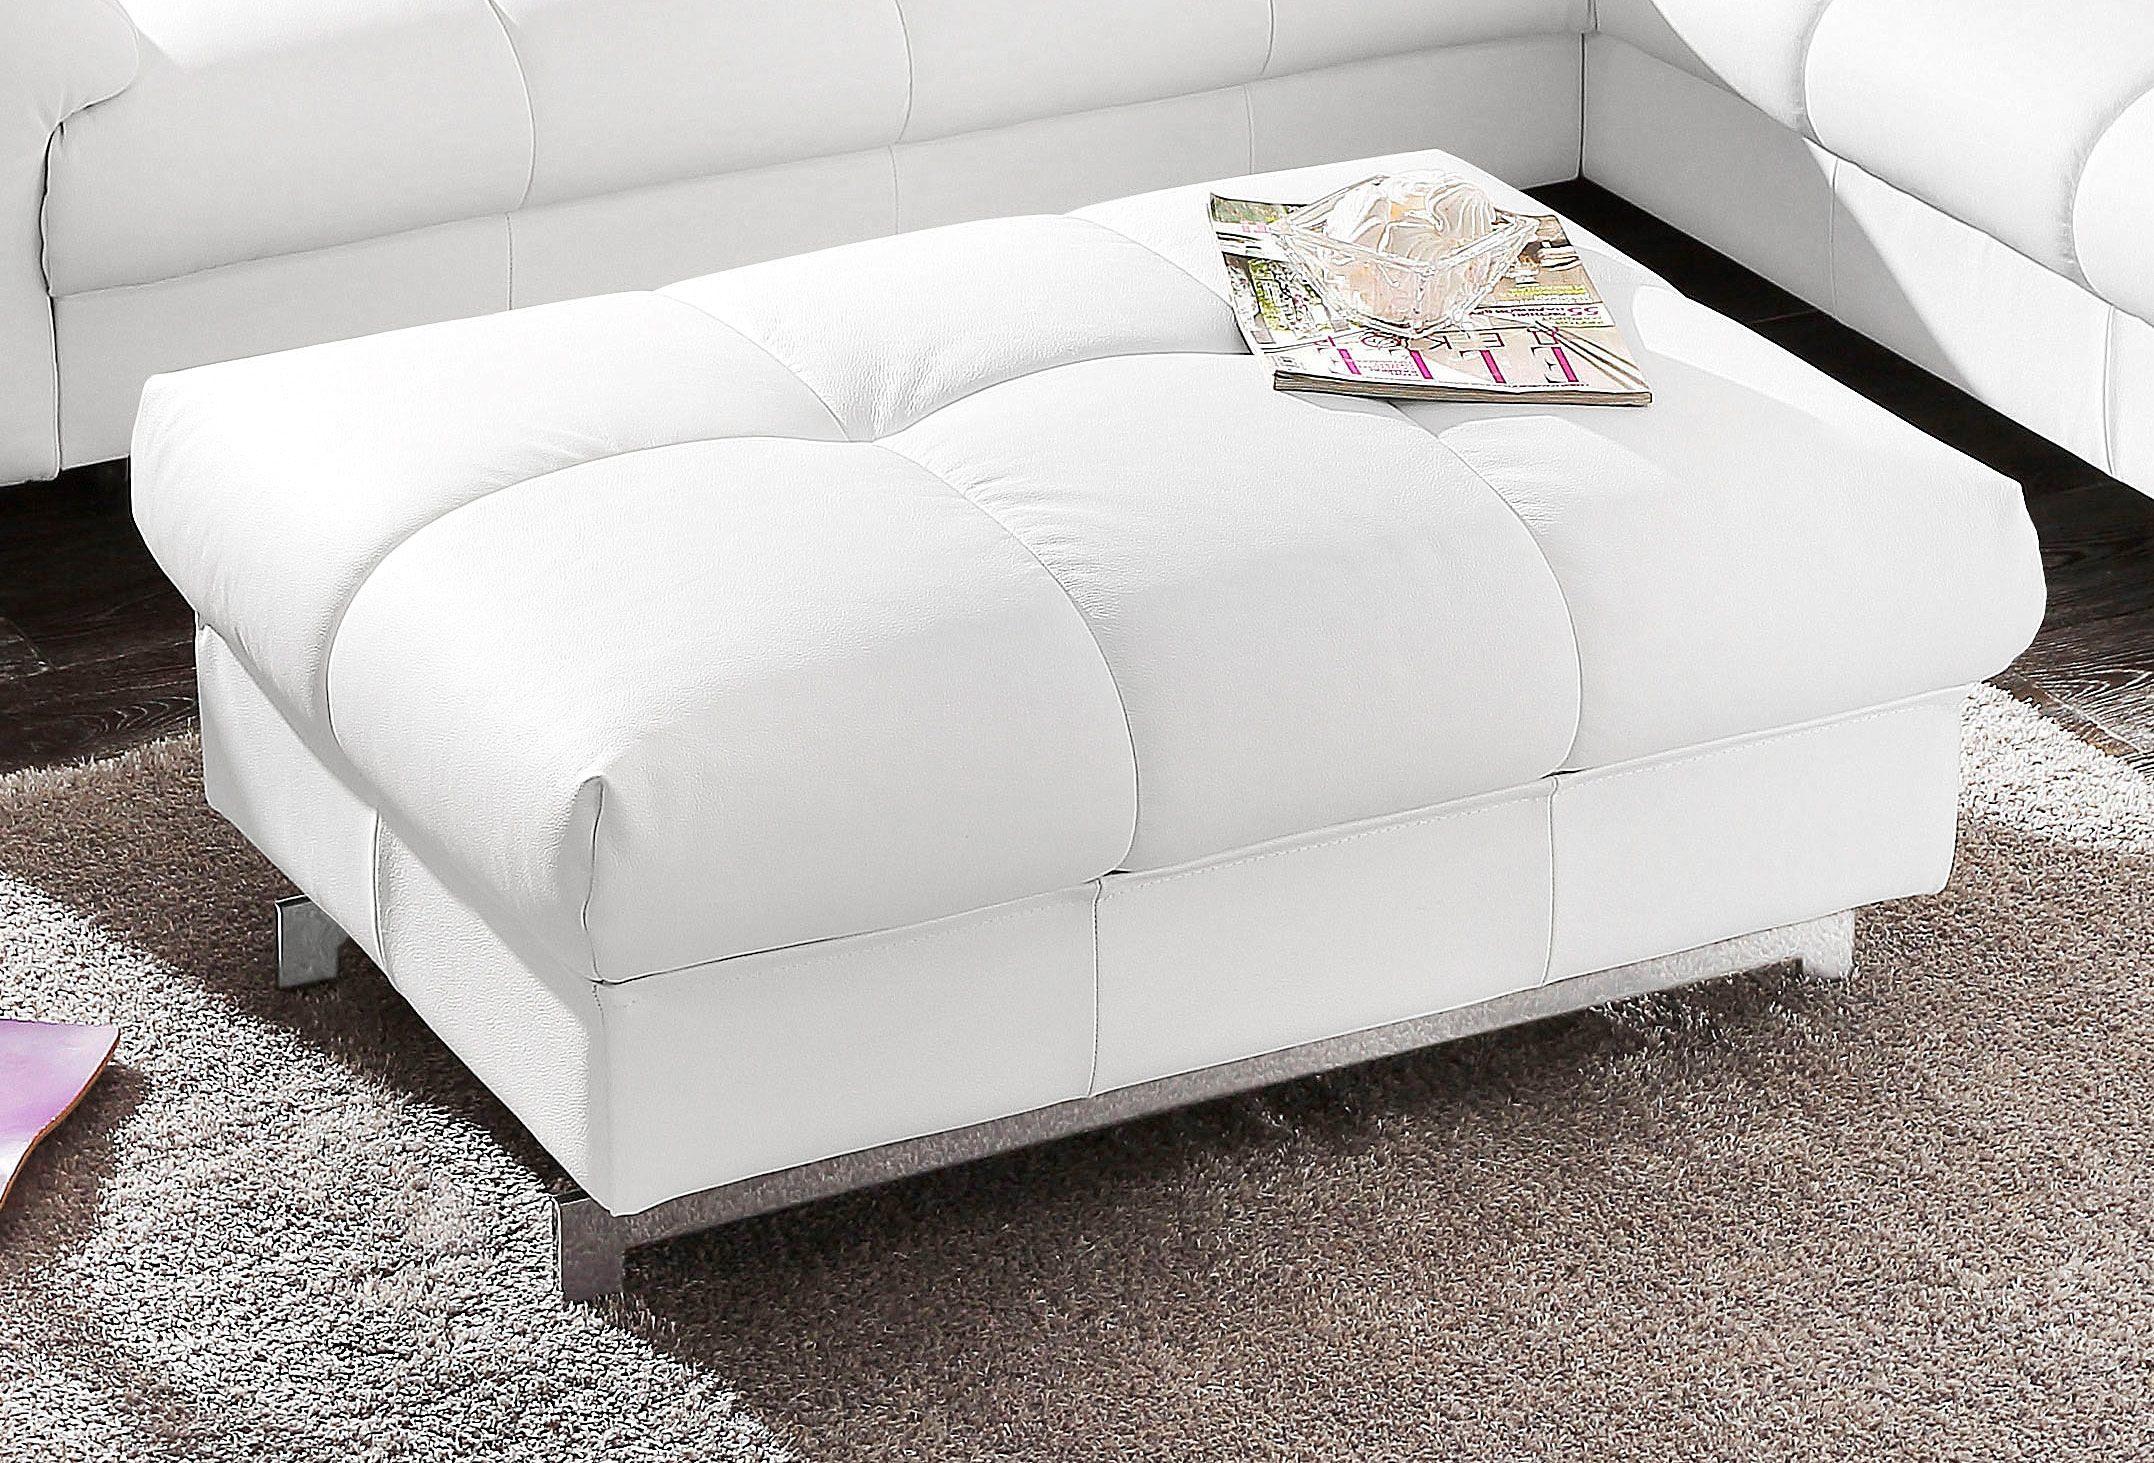 Hocker   Wohnzimmer > Hocker & Poufs > Sitzhocker   Leder - Microfaser   COTTA